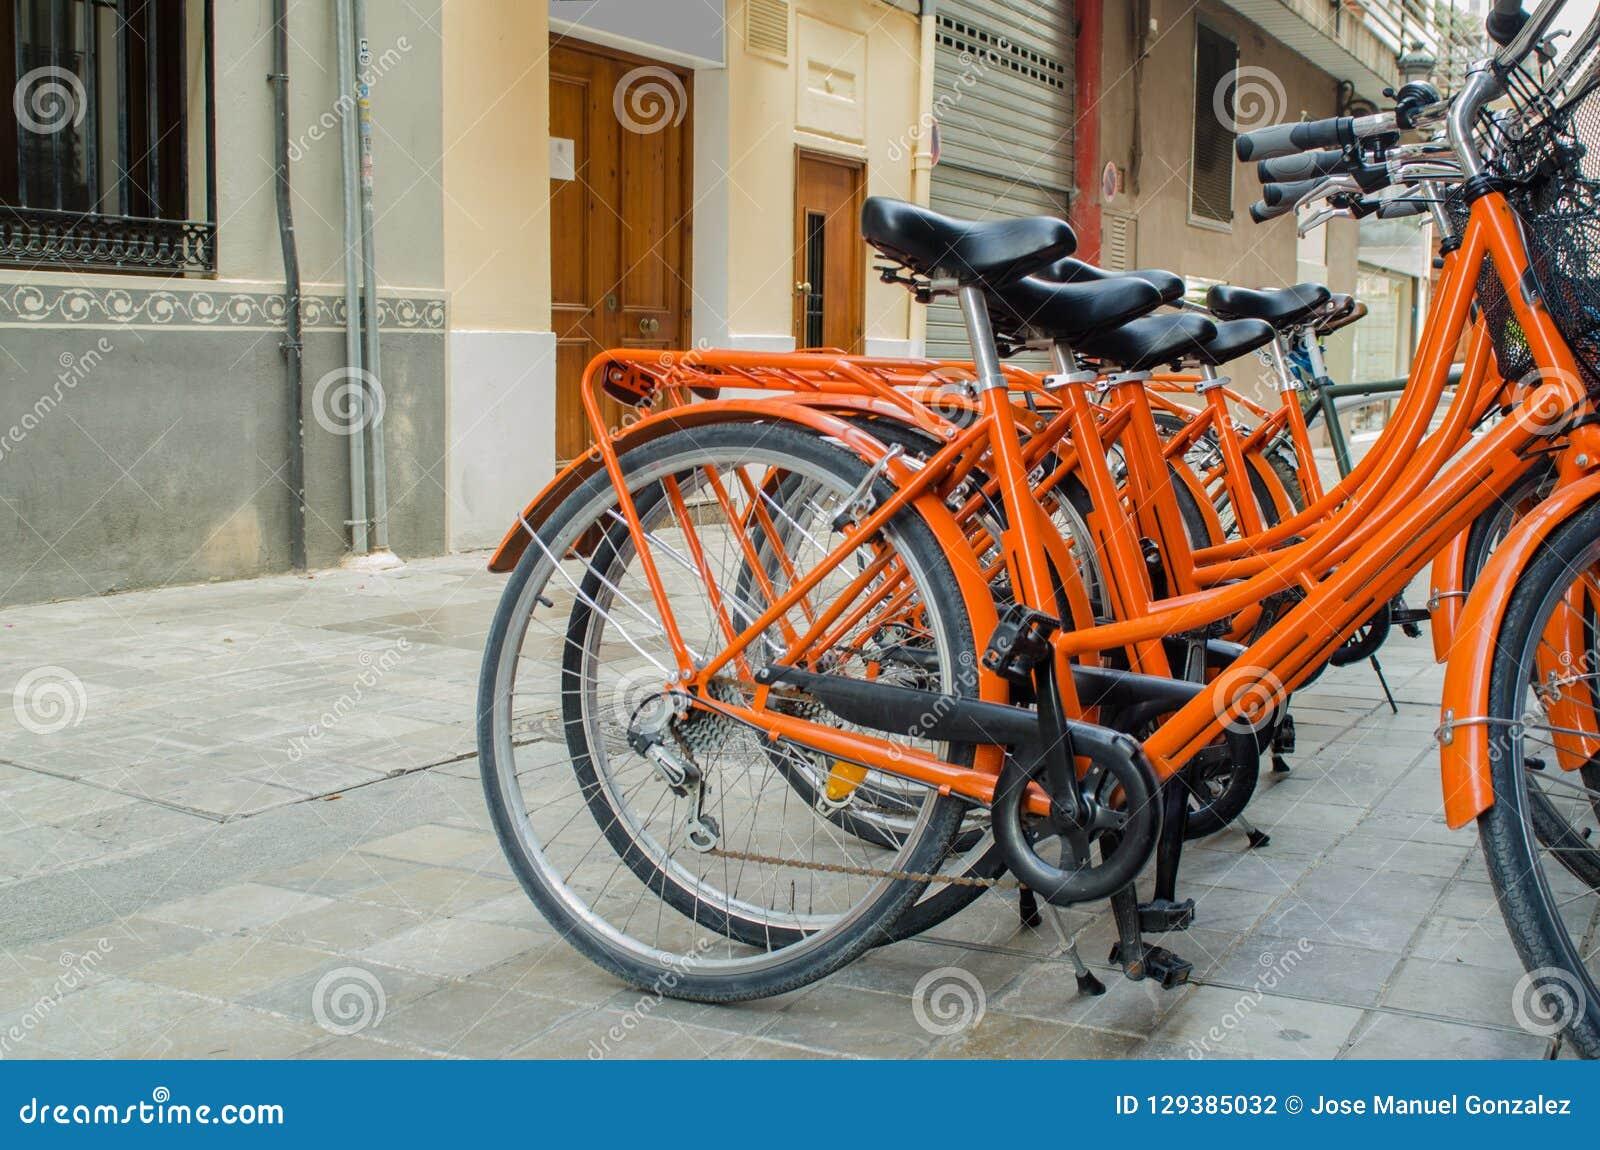 Louer le vélo orange sur la rue à Valence